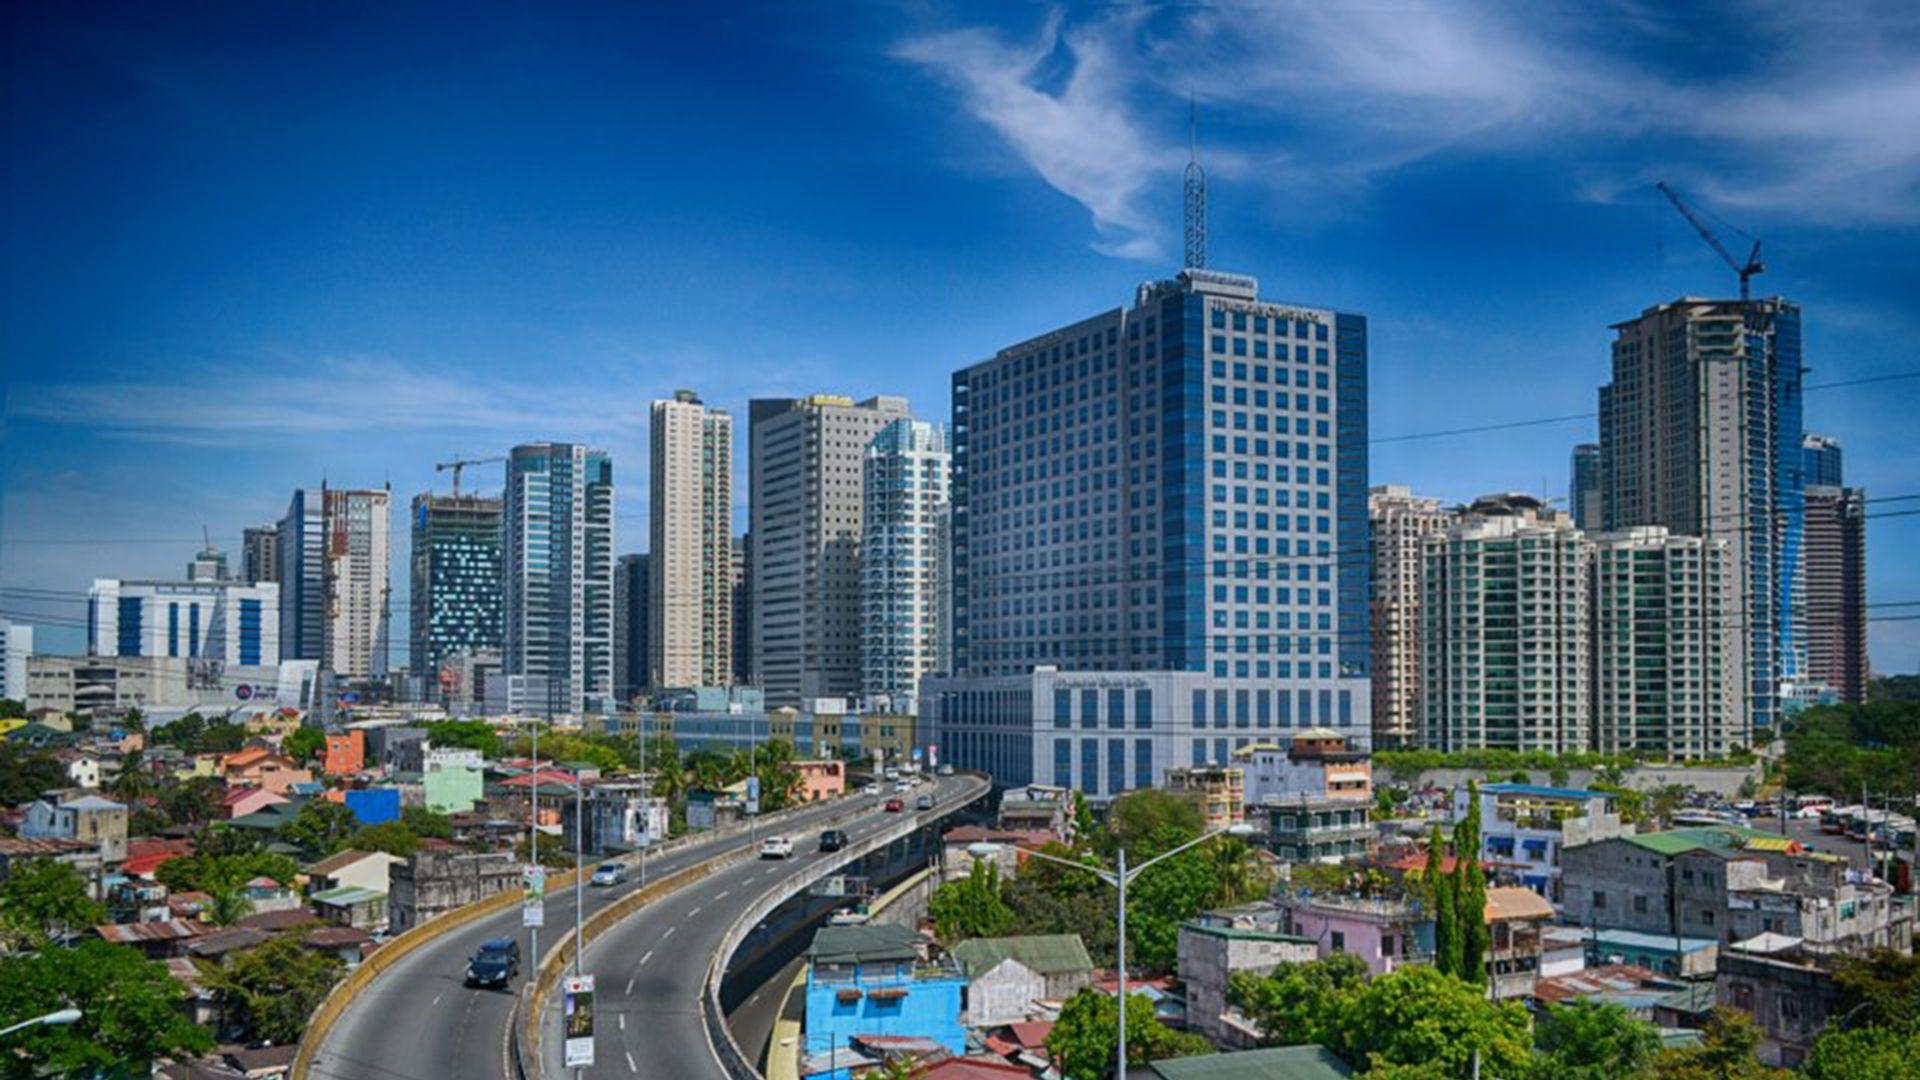 Cebu City Skyline | Cebu Hotels | Cebu city, Cebu, Philippines